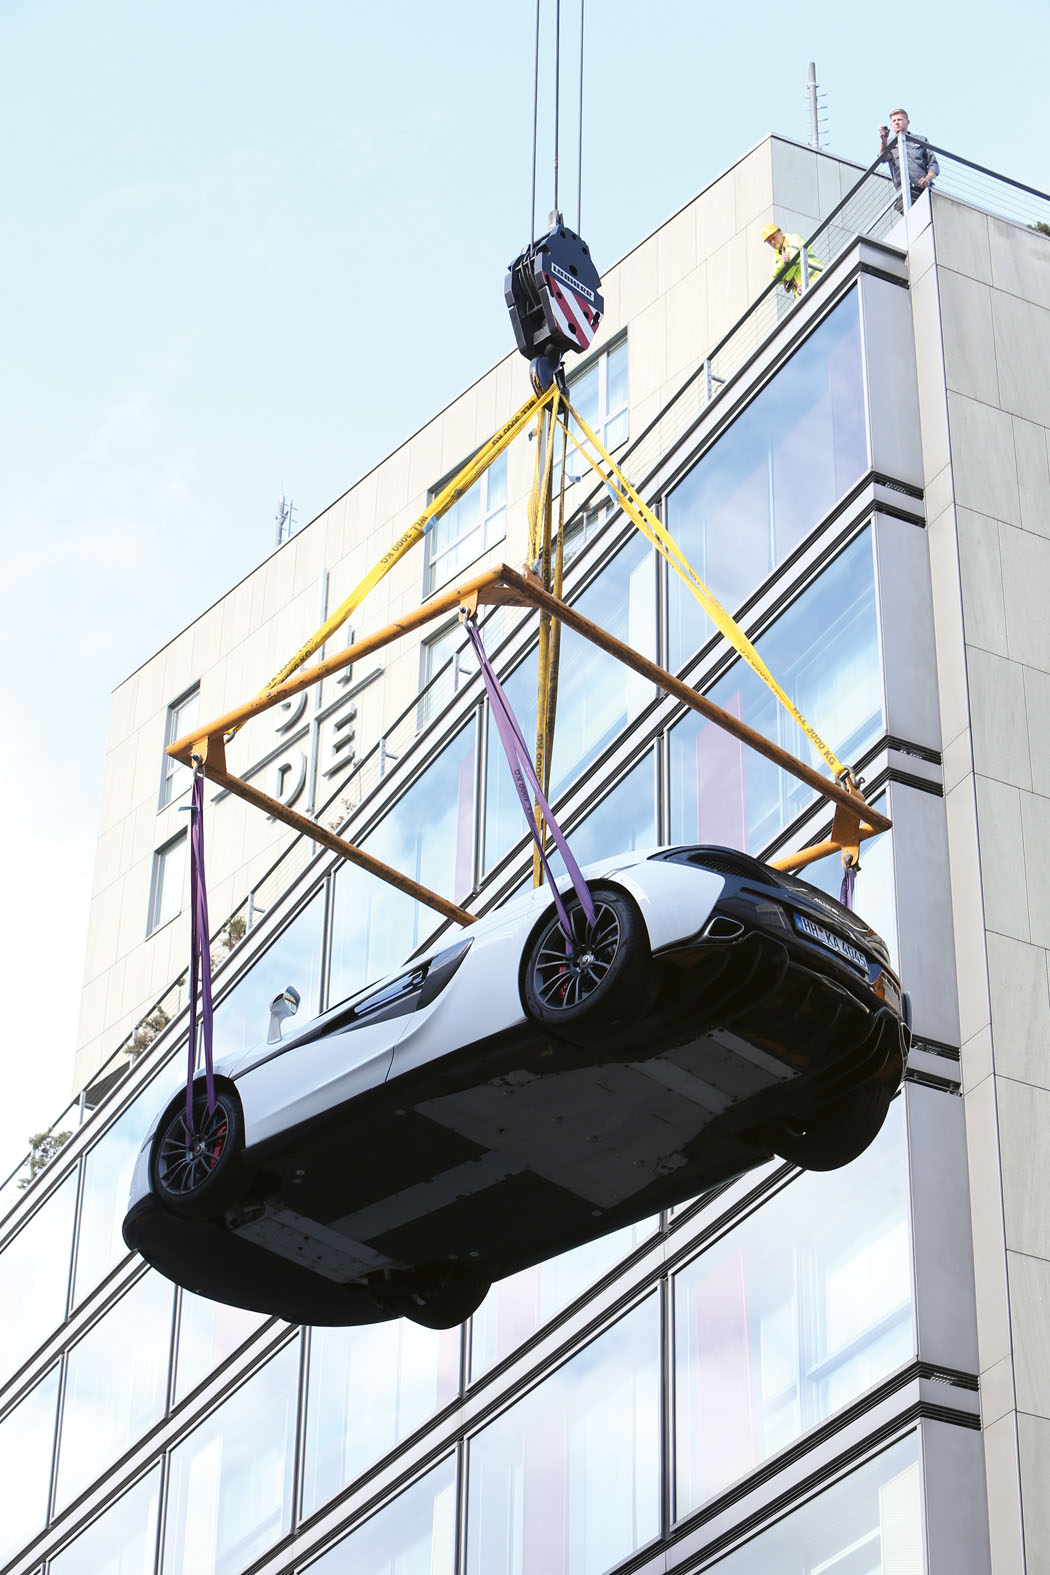 McLaren 570S wird für eine Veranstaltung von McLaren Hamburg auf die Dachterrasse des SIDE Hotels gekrant.